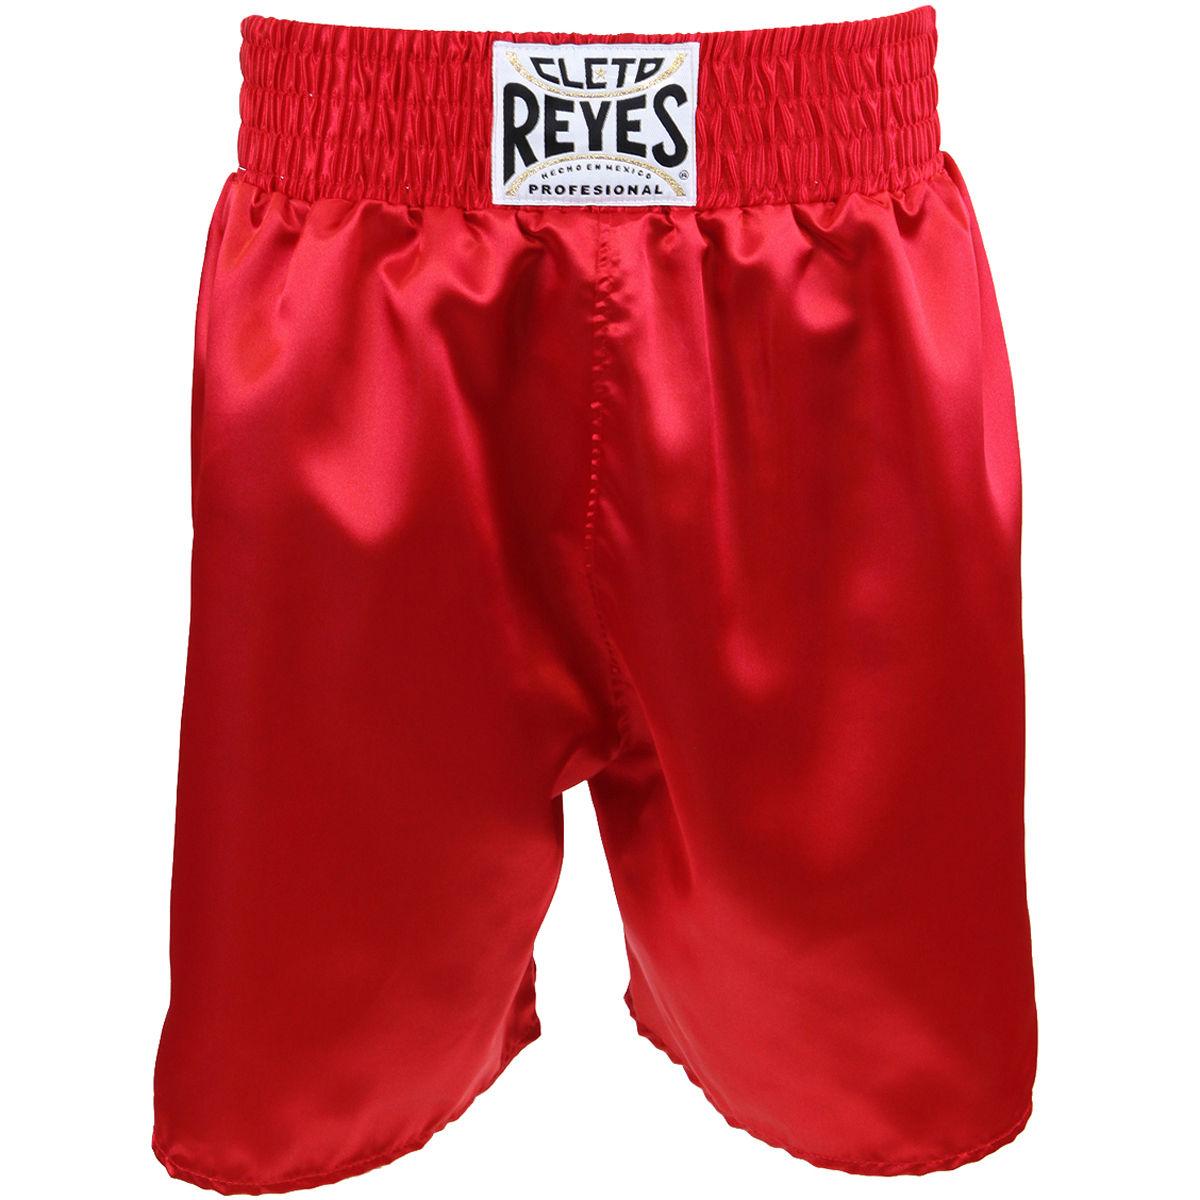 REYES レイジェス ボクシング パンツ ハーフパンツ ボクシングトランクス レッド 赤